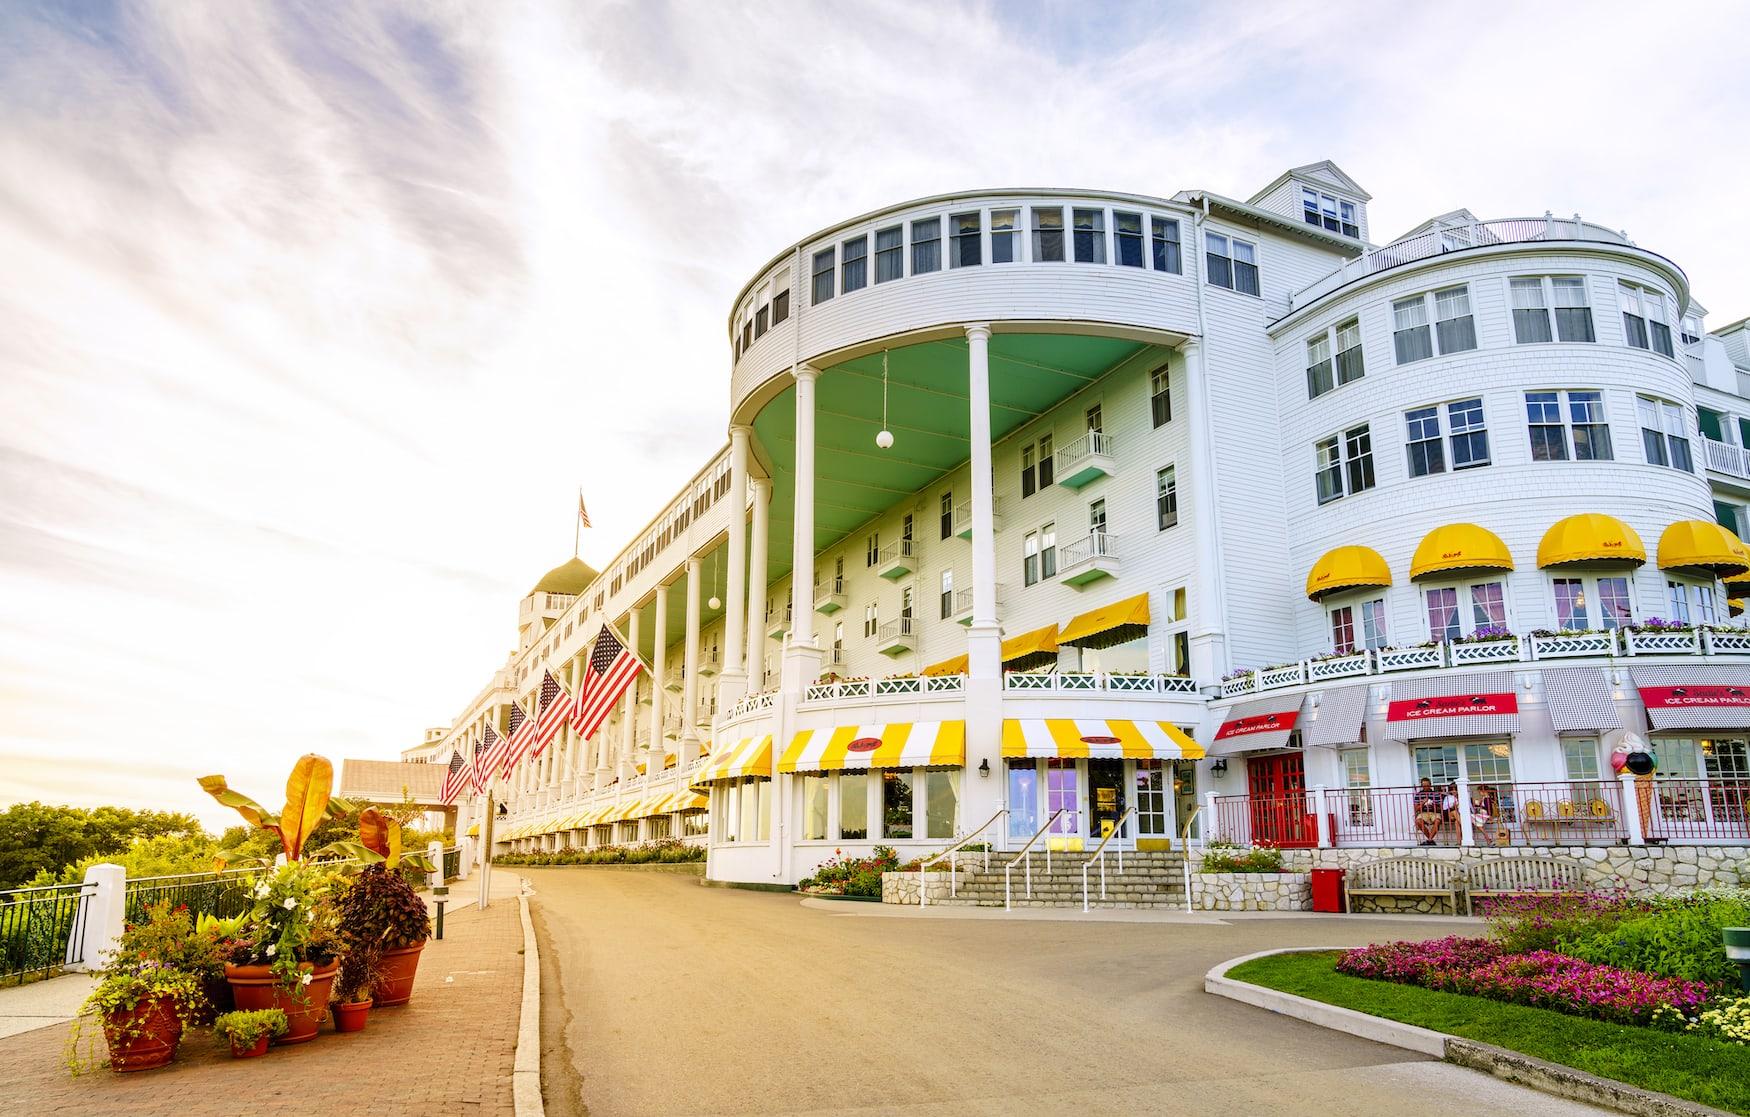 Fassade des grand Hotel auf Mackinac Island in den USA